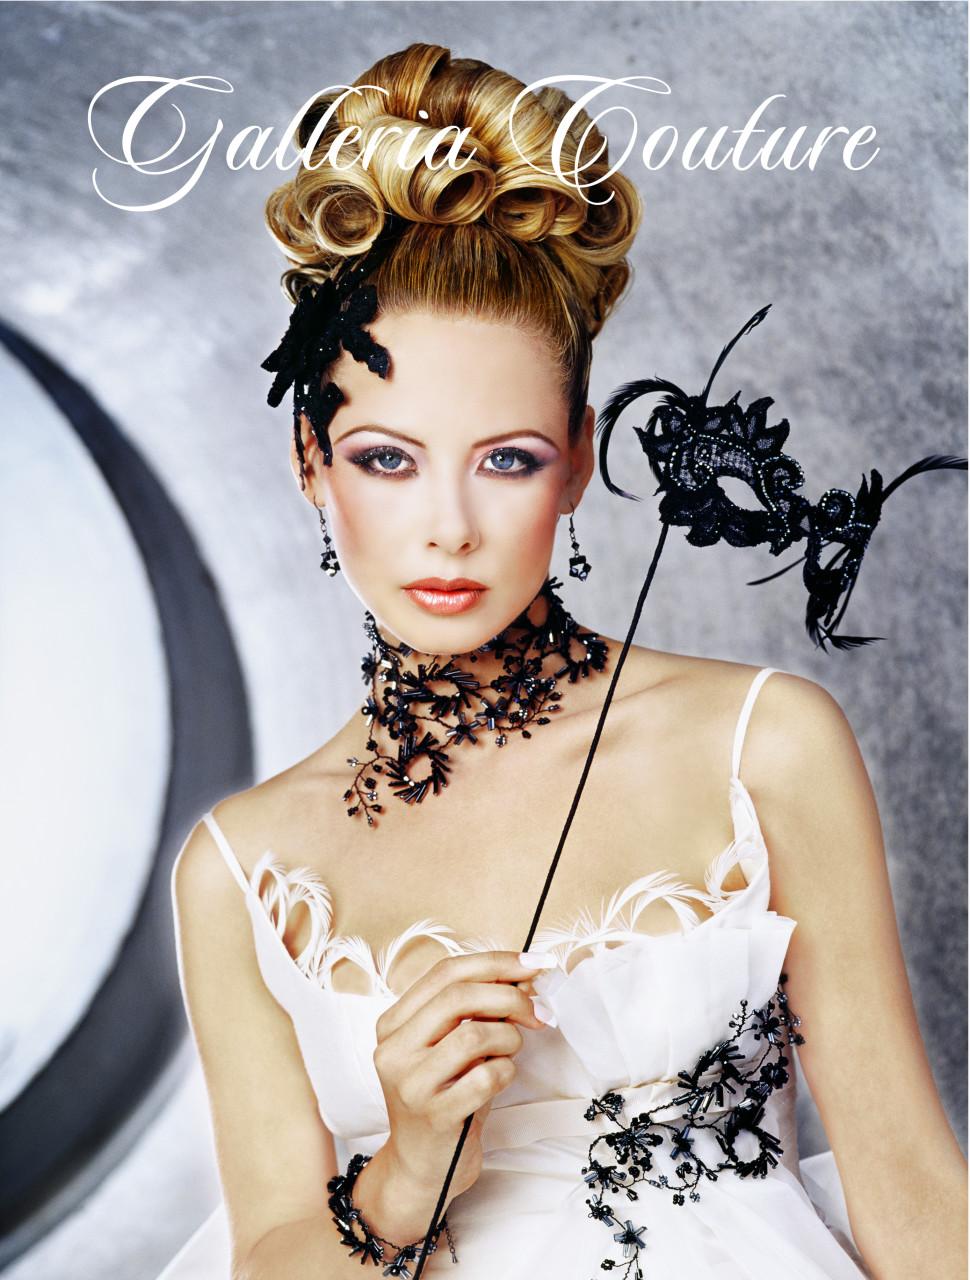 2007 Galleria Couture